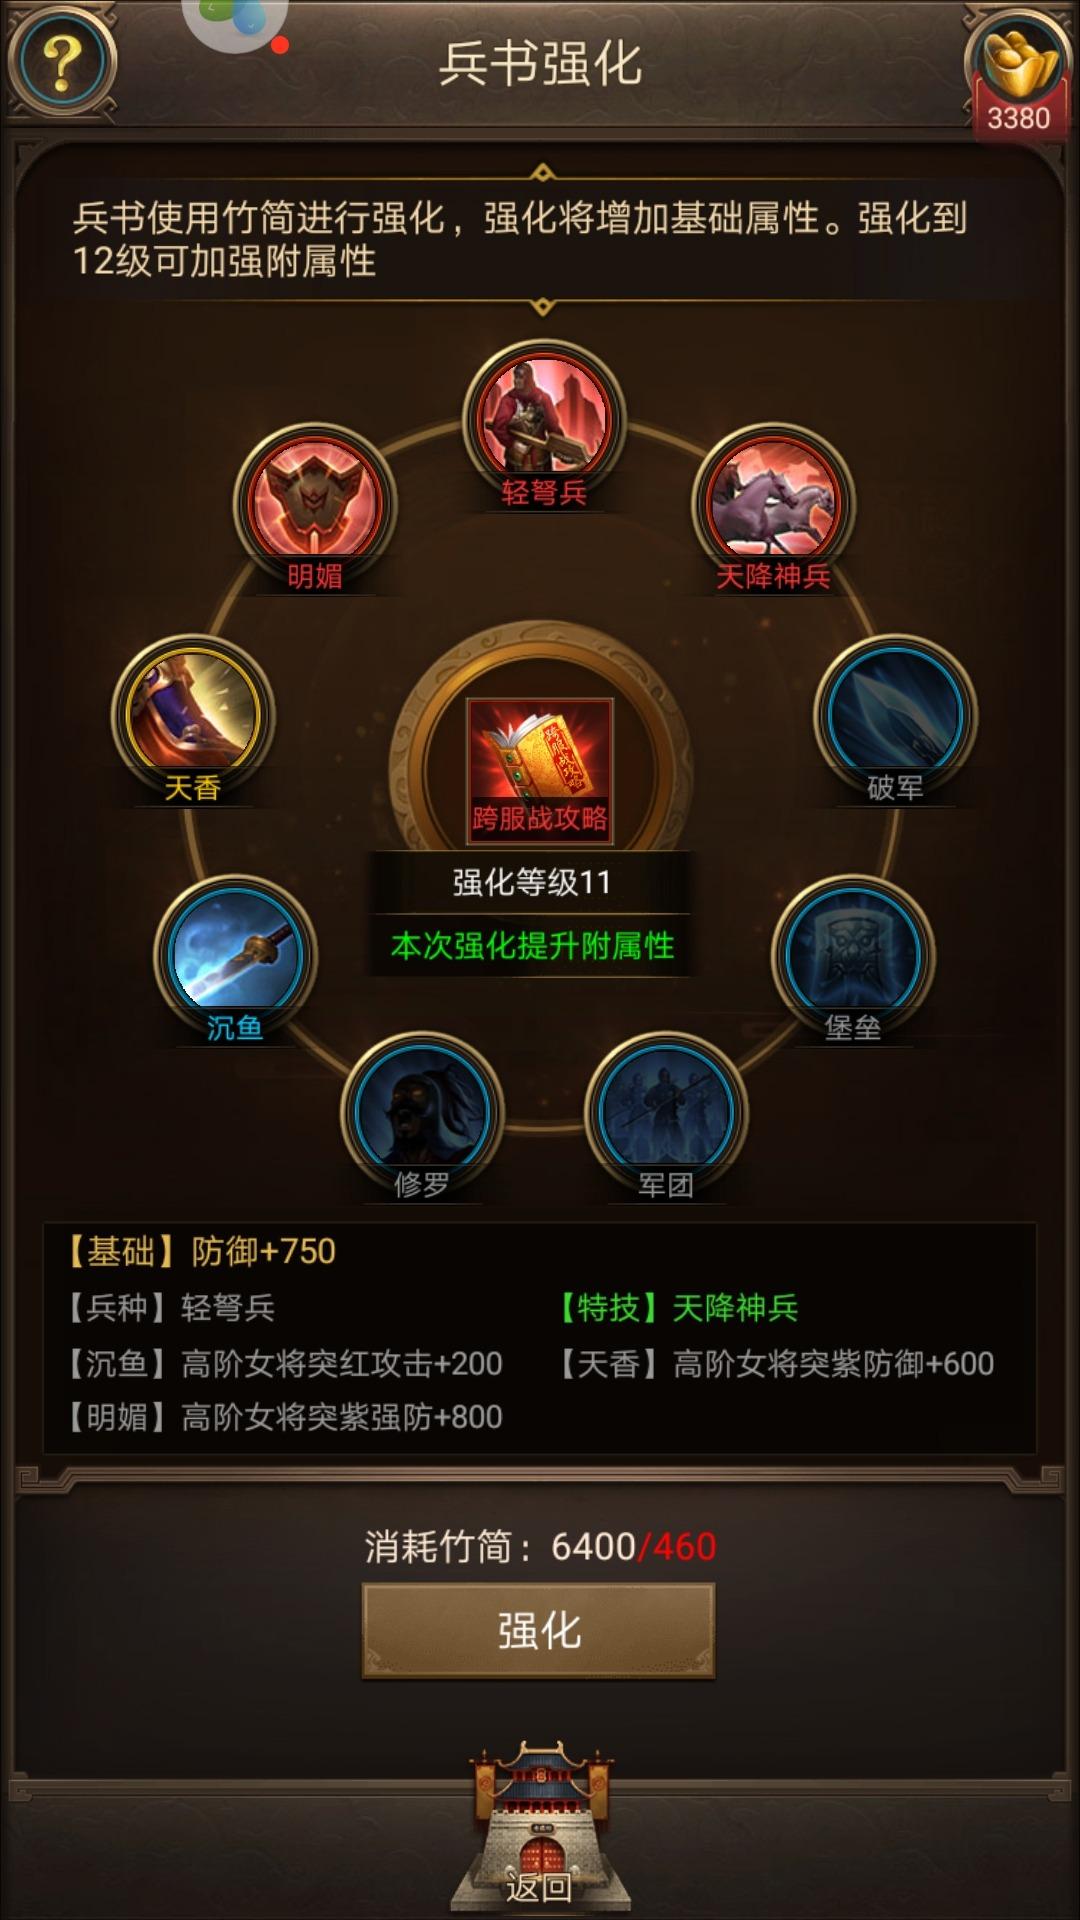 Screenshot_20181229-202239.jpg